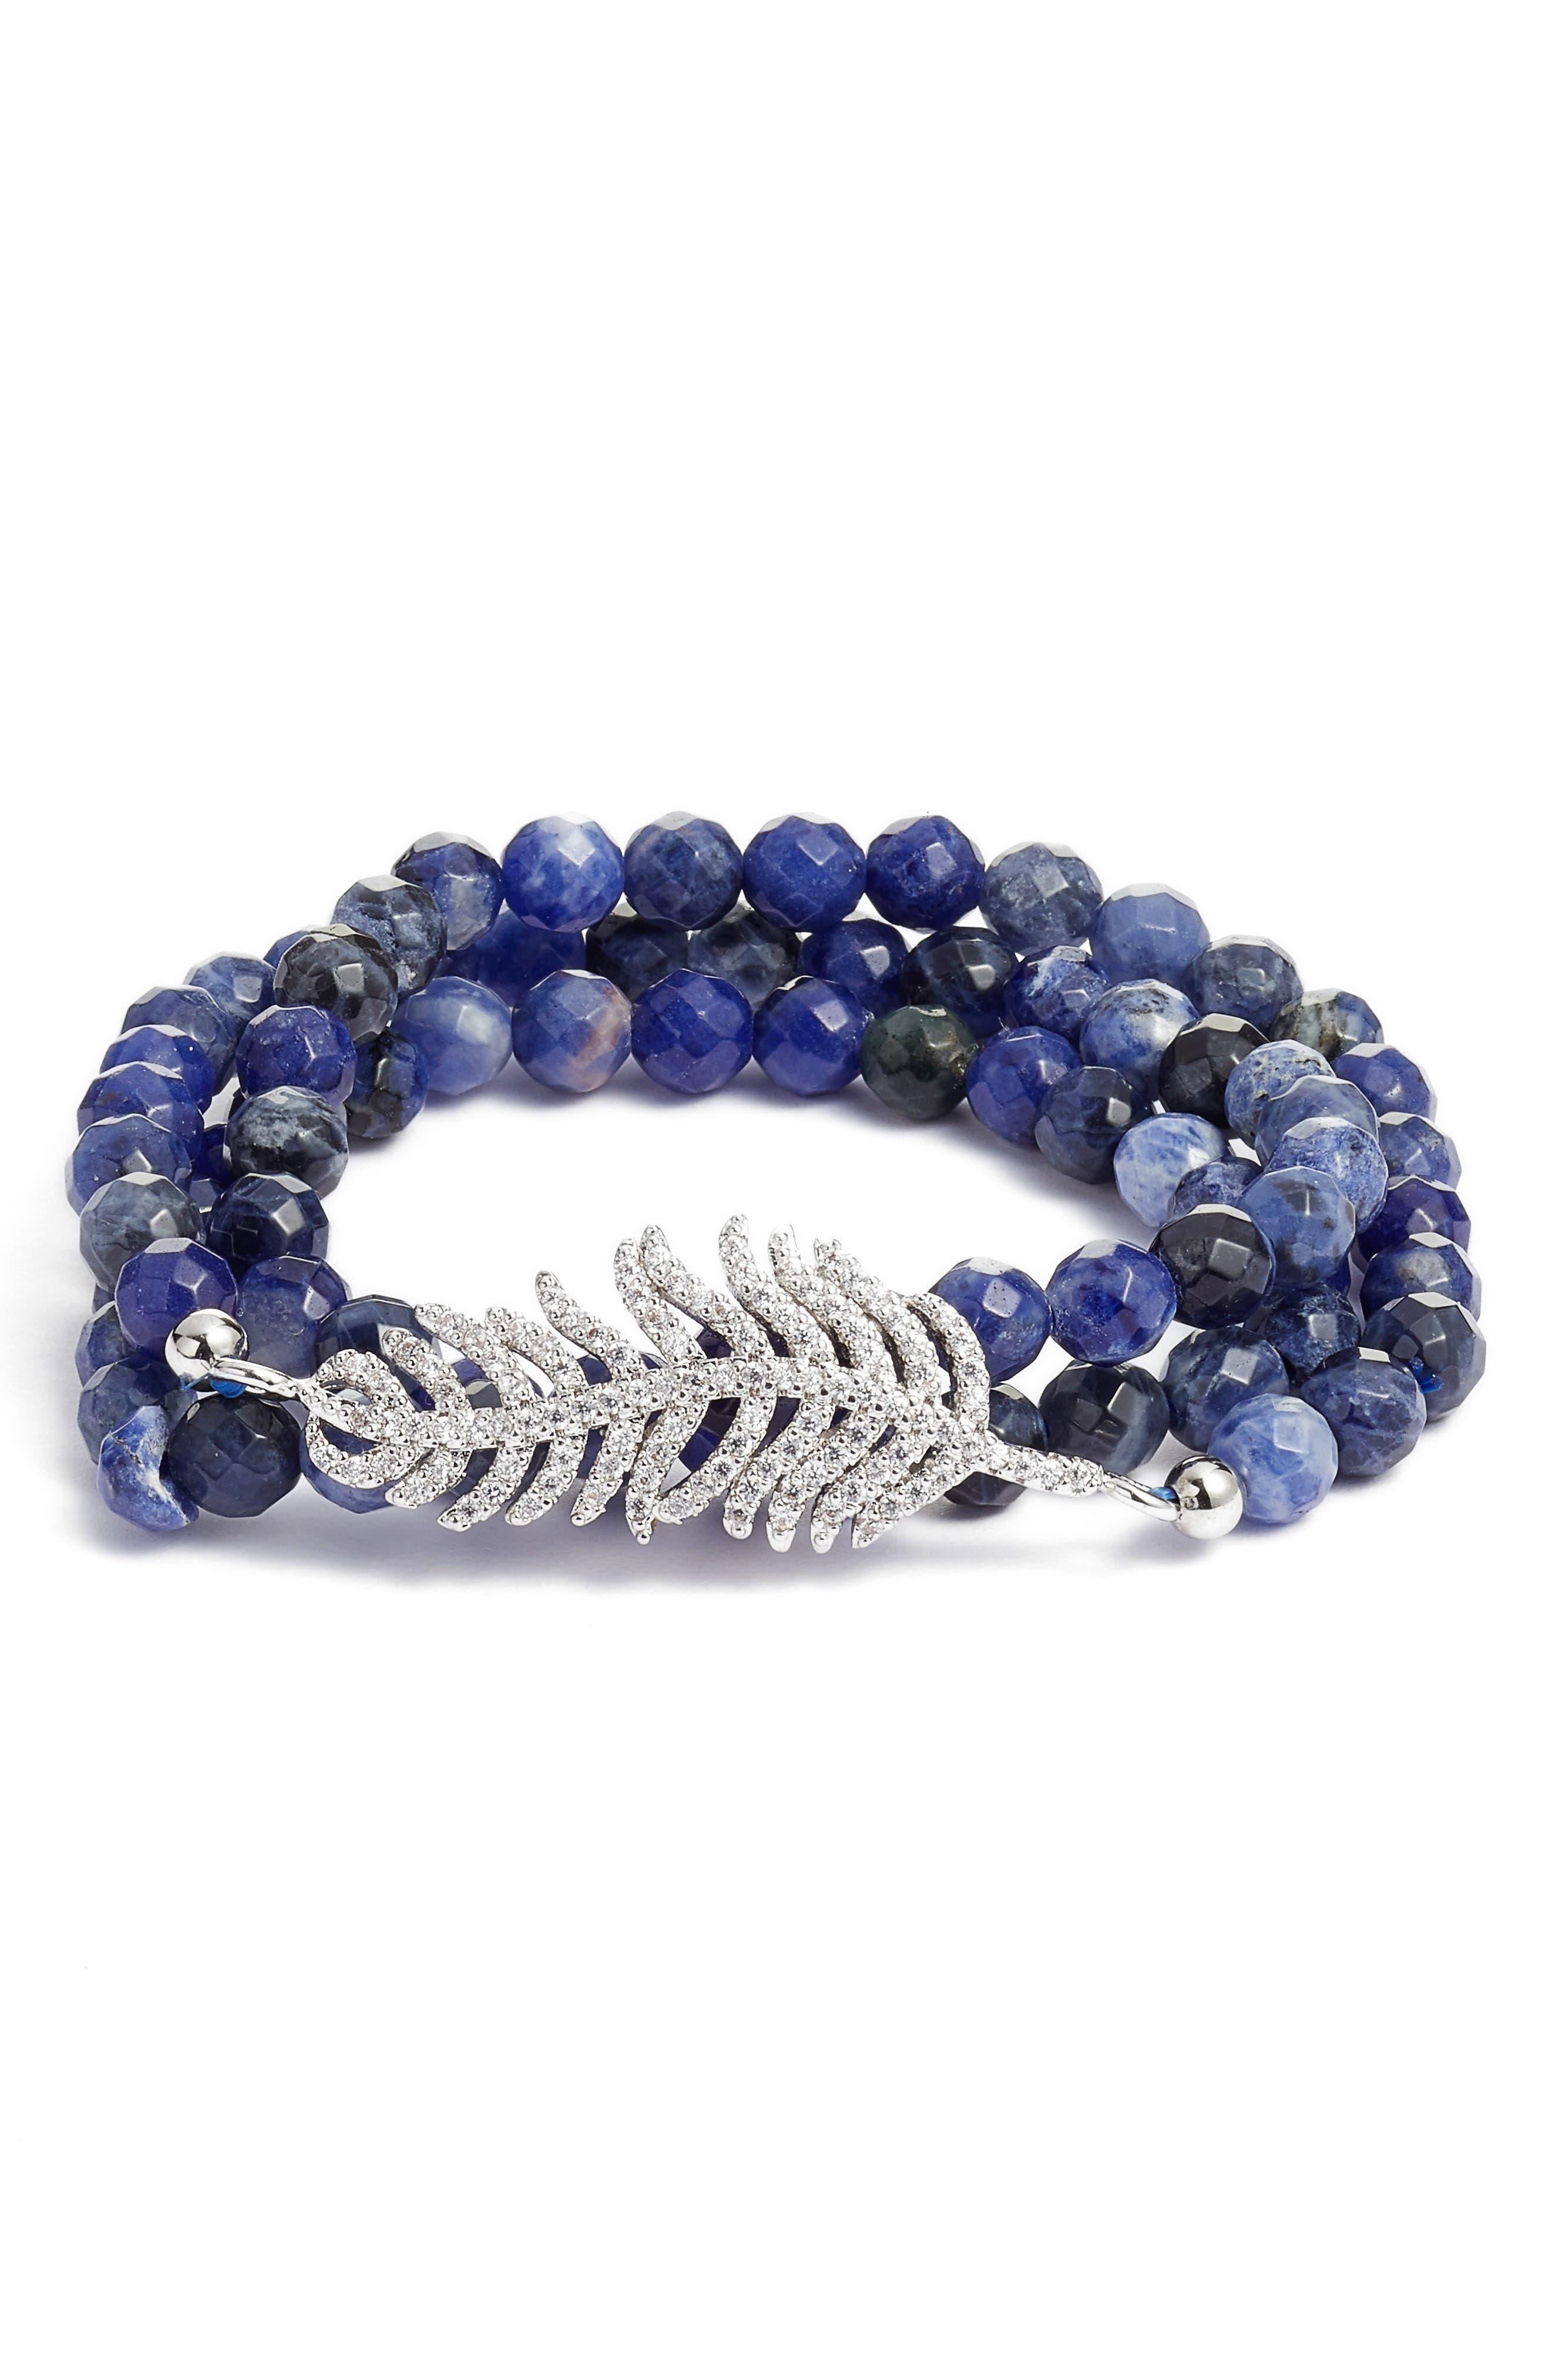 Art Deco Triple Wrap Stone & Crystal Stretch Bracelet,                         Main,                         color, Leaf/ Blue Lapis